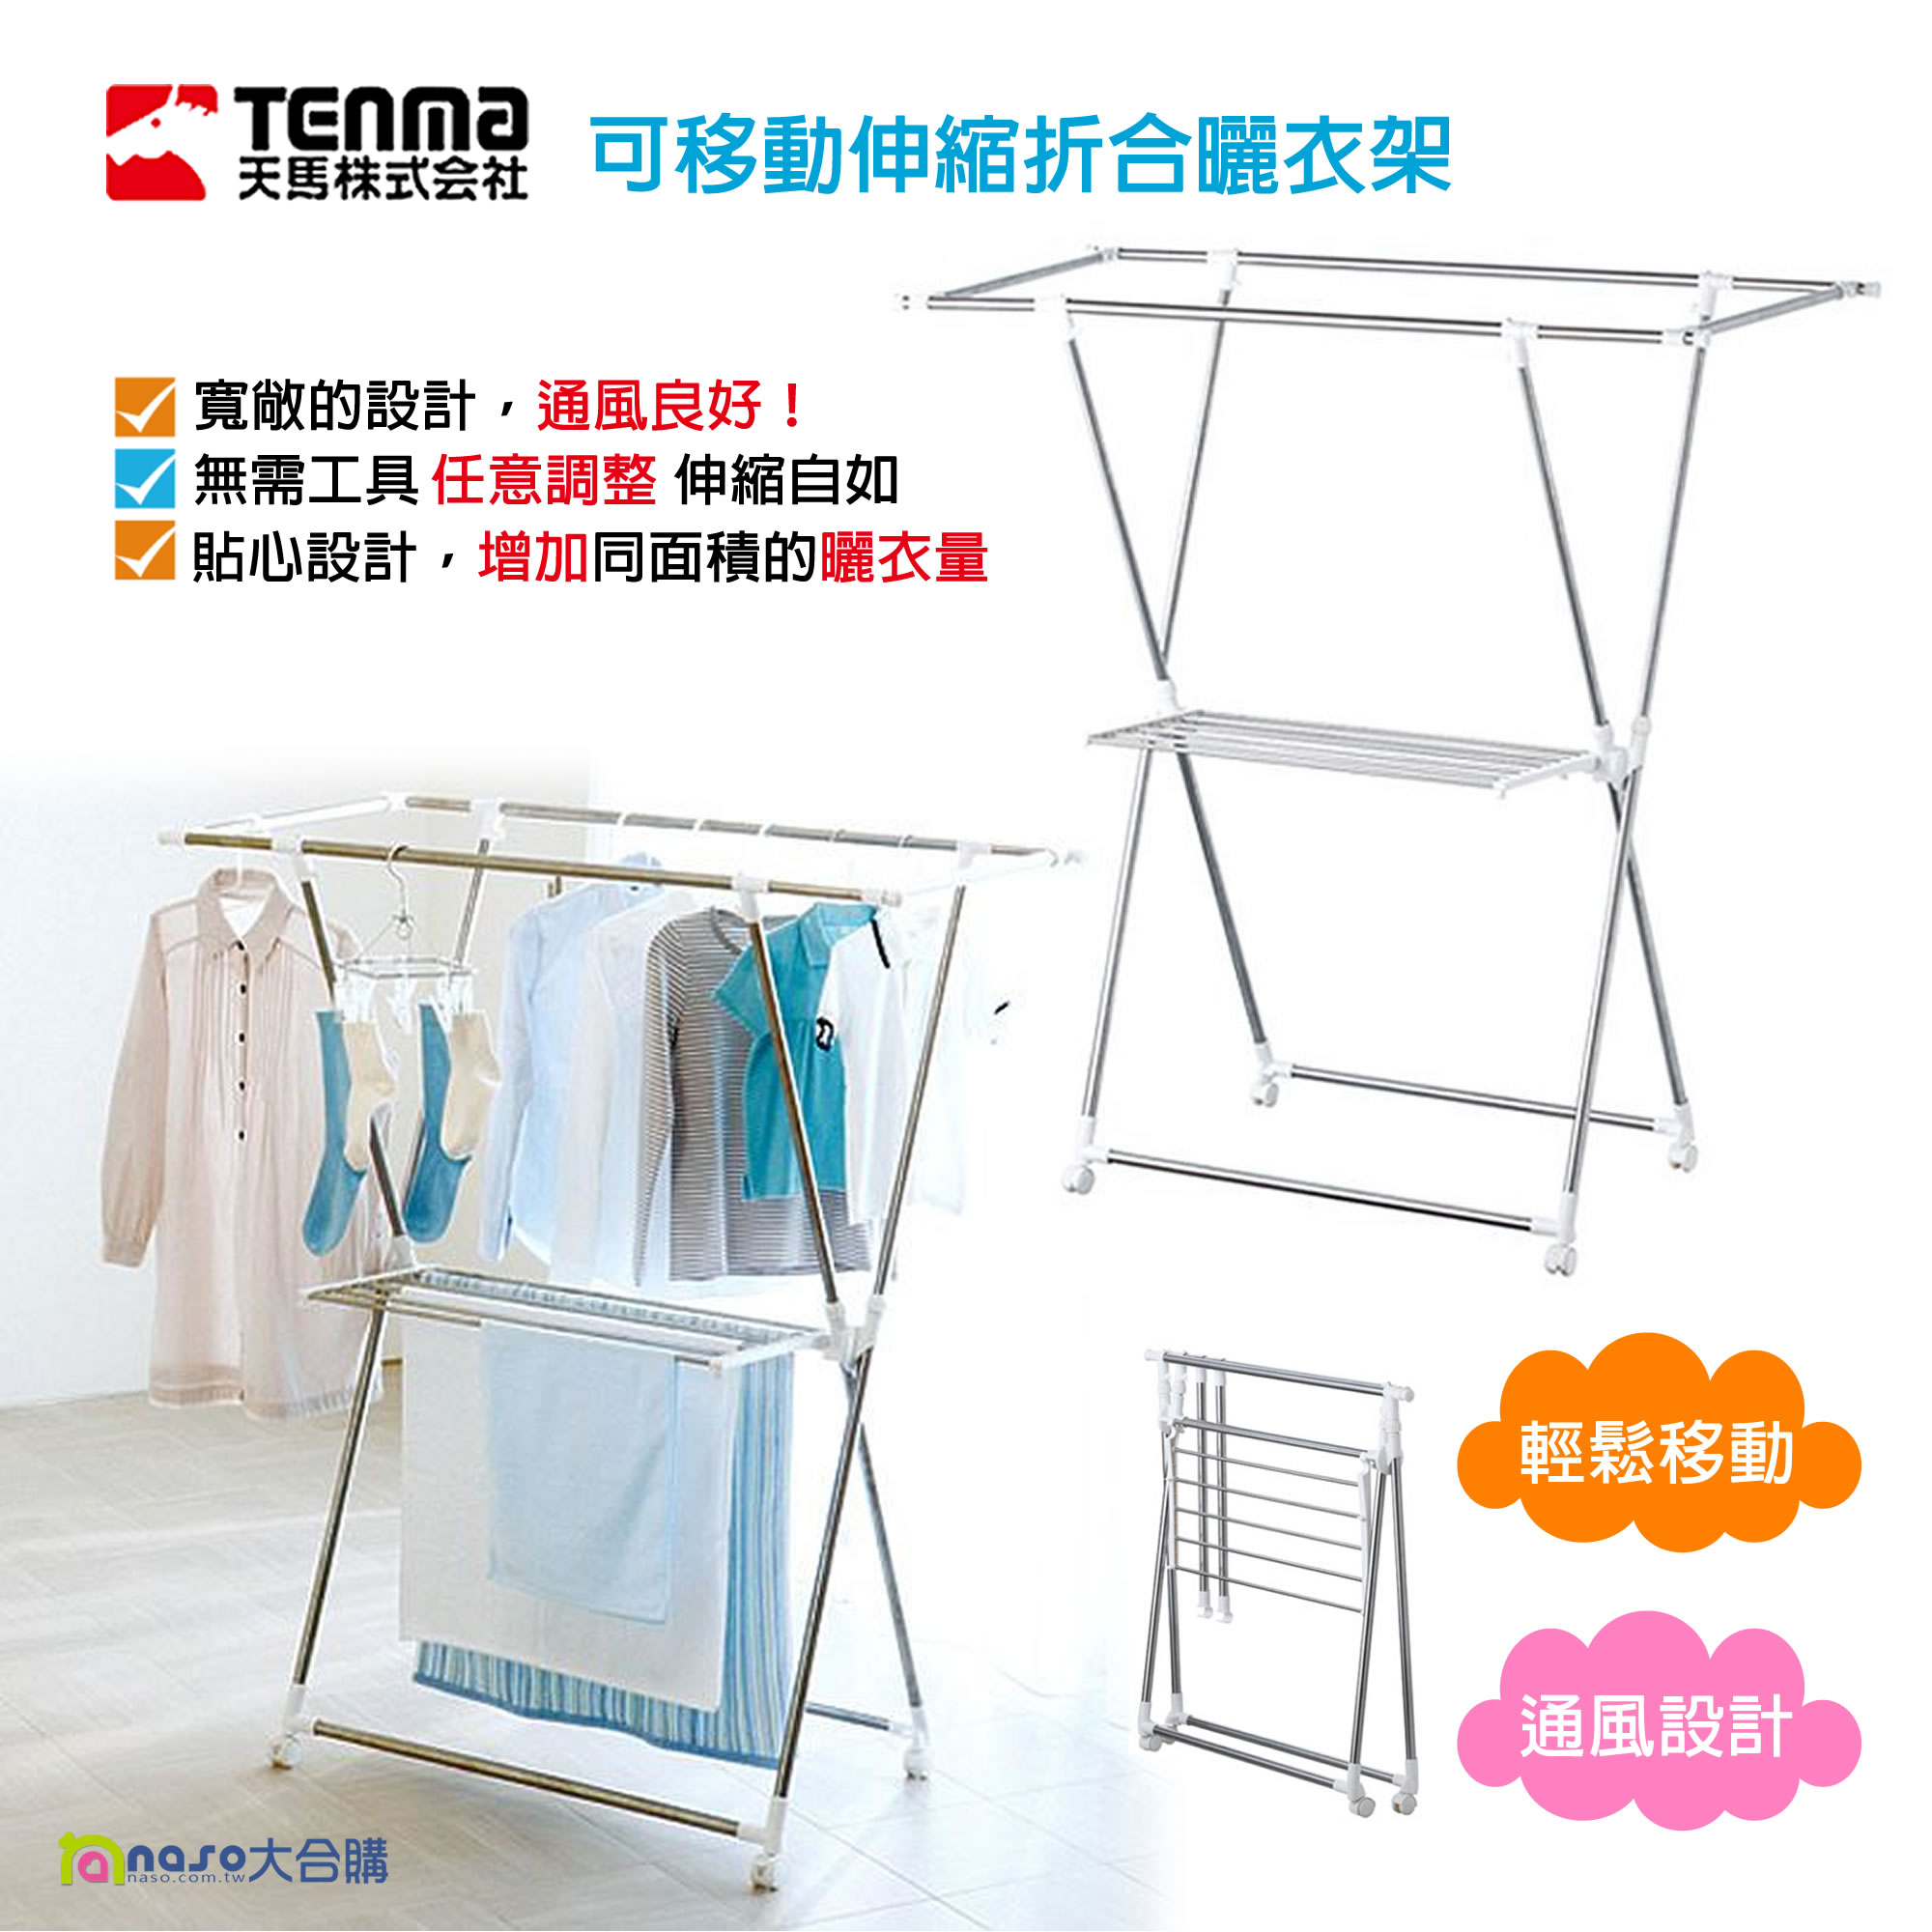 日本天馬Tenma可移動伸縮折合曬衣架 好評第6團